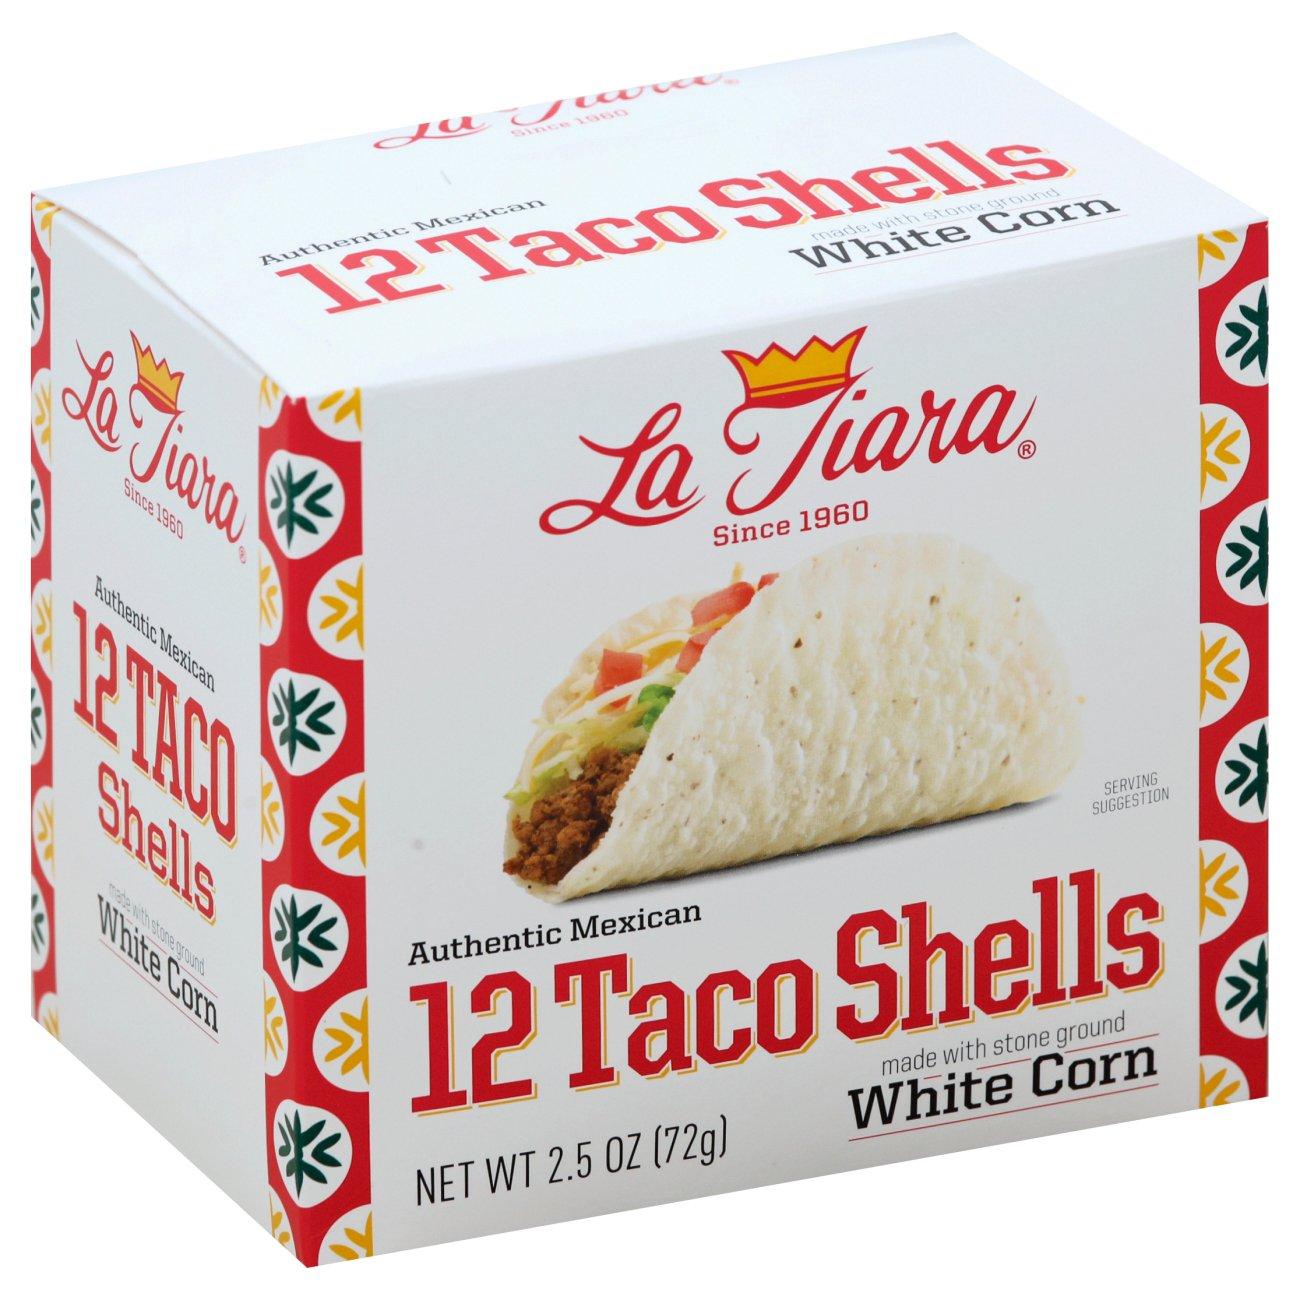 La Tiara White Corn Taco Shells Shop Tortillas At H E B